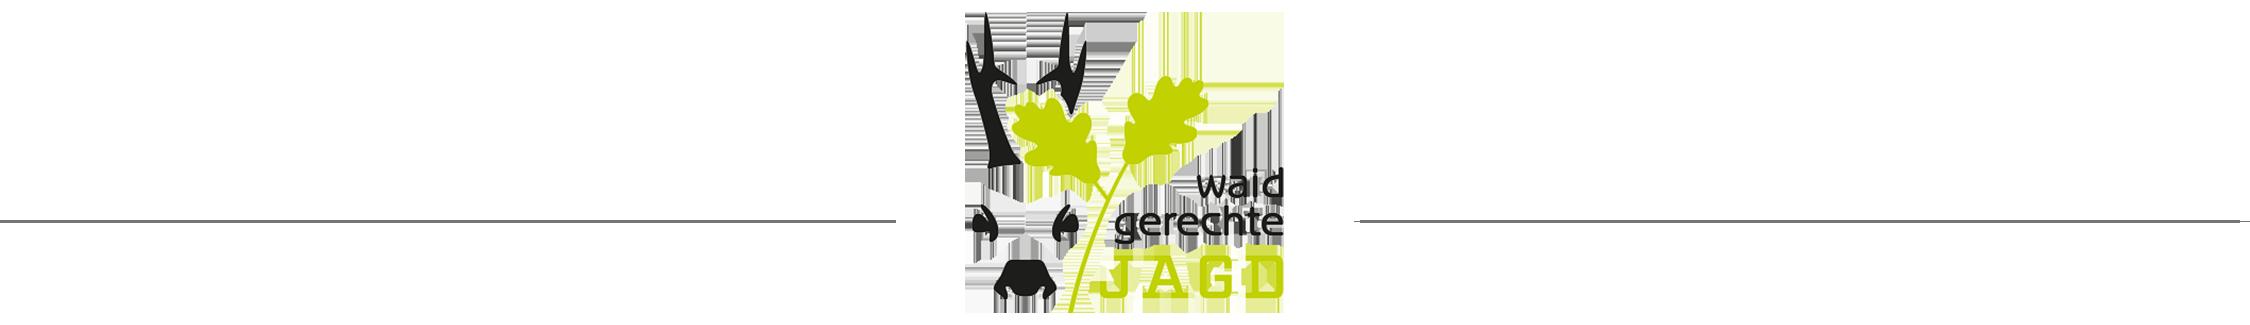 waidgerechte-jagd-header-logo